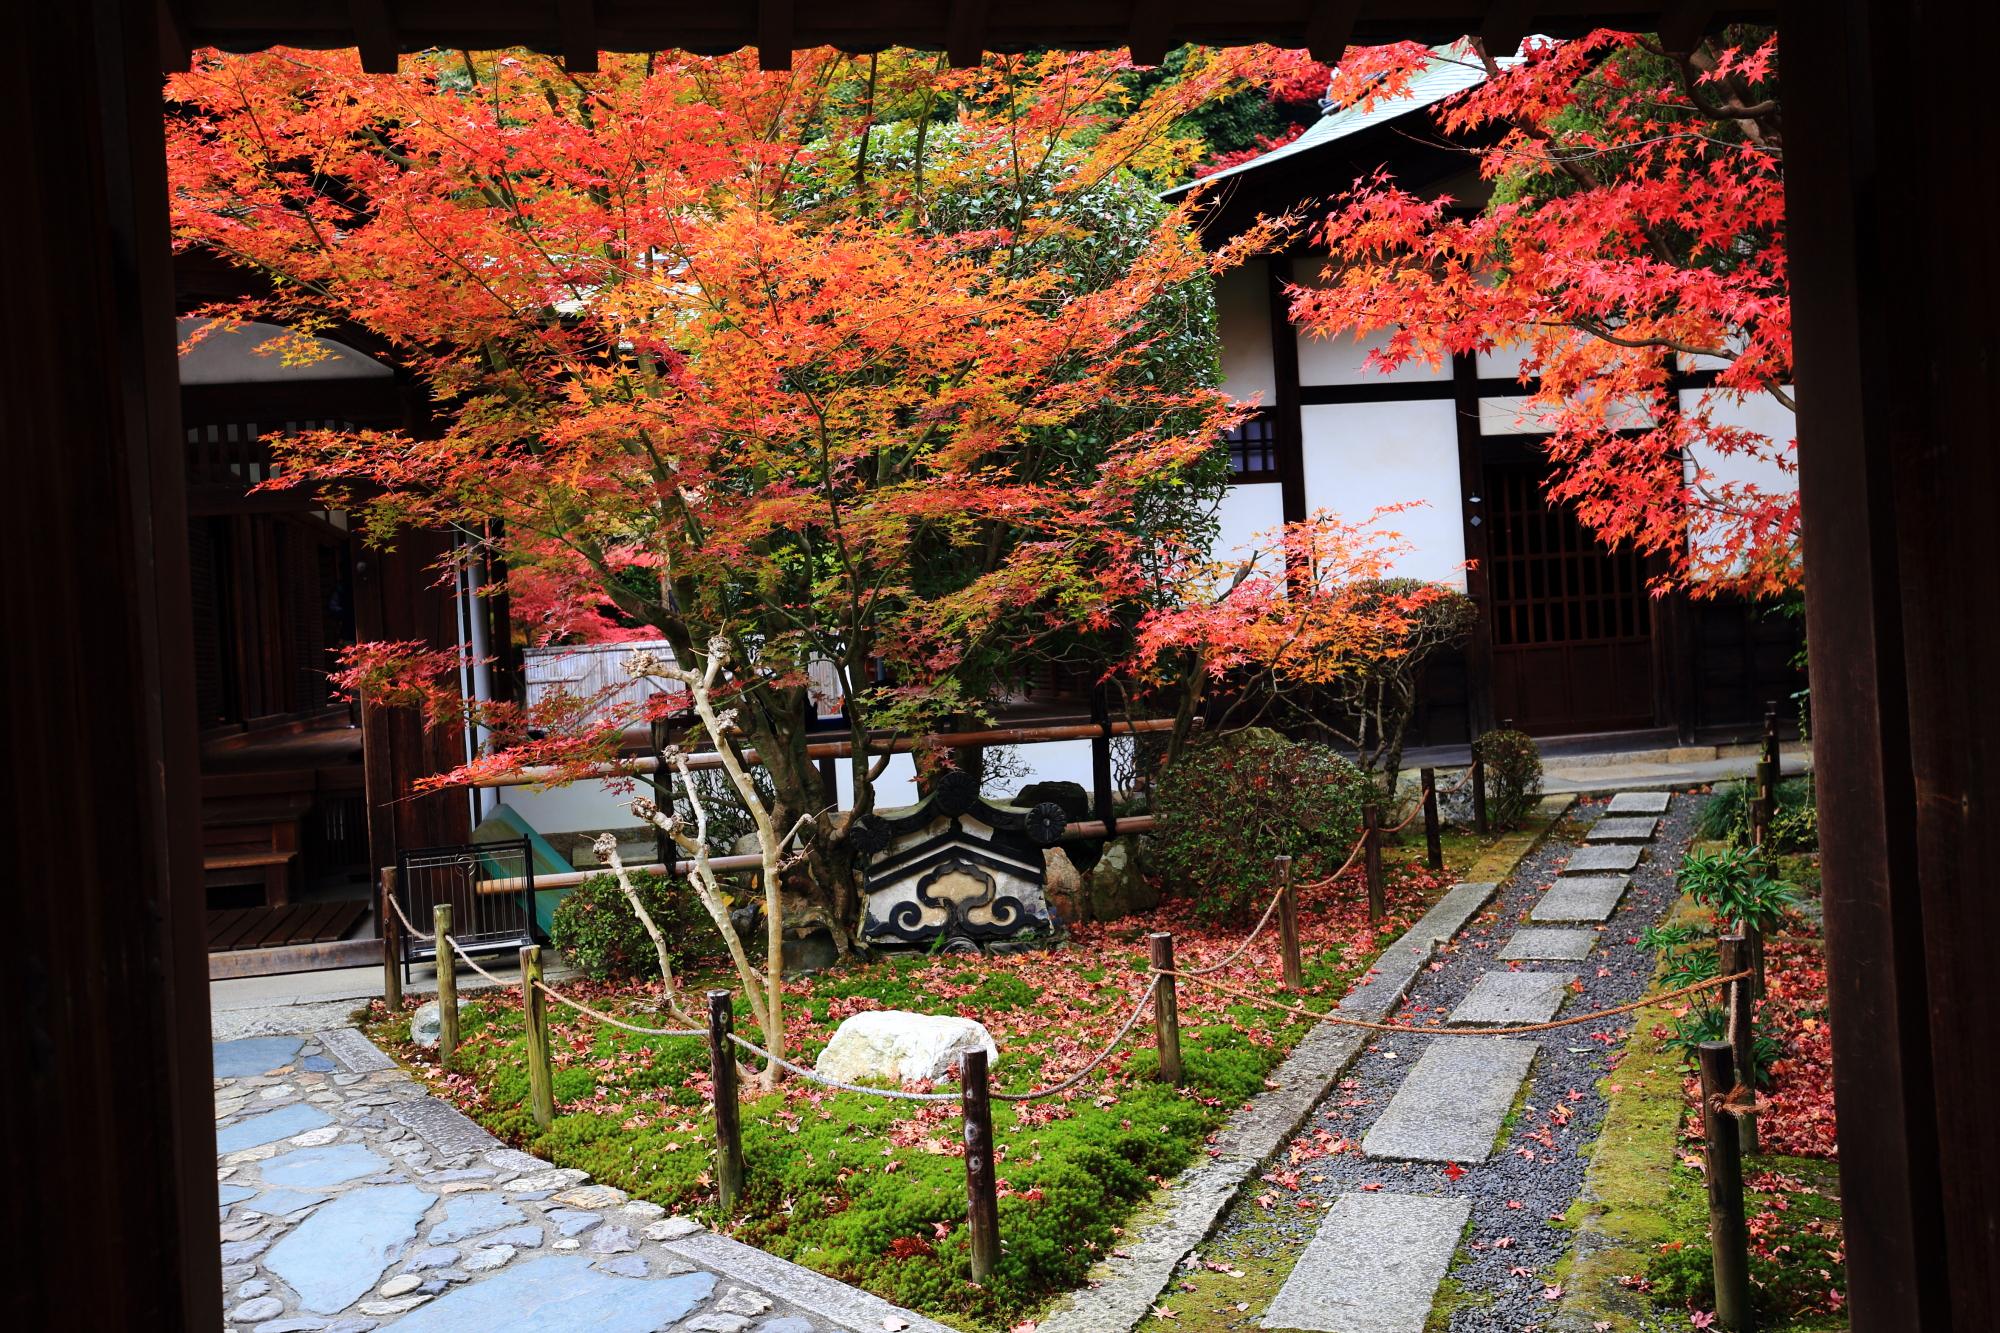 東福寺塔頭の龍吟庵の庫裡前の紅葉